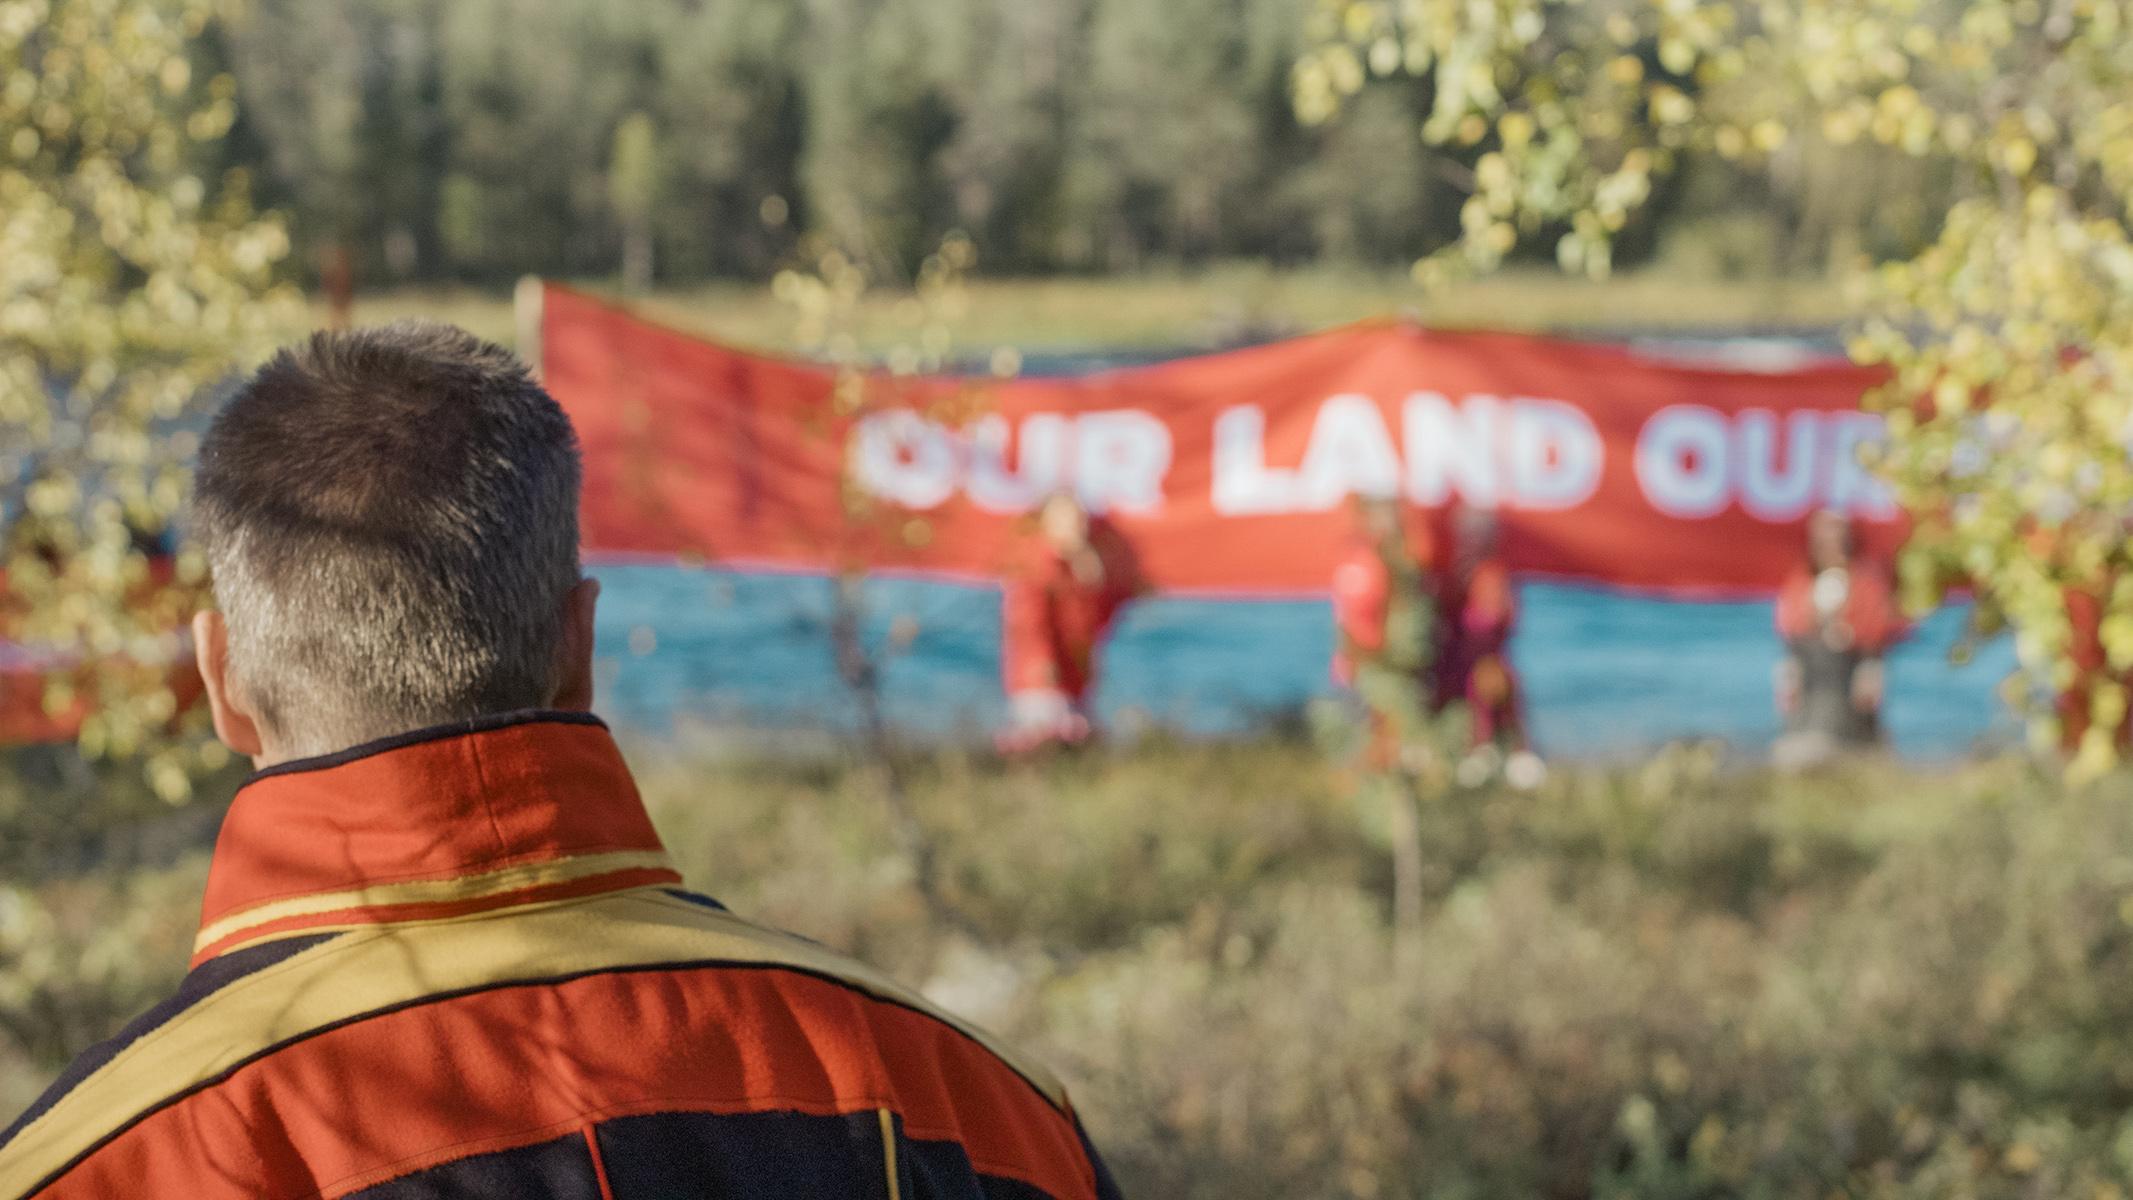 """Aktivisteja Red line -mielenilmauksessa Inarissa. Taustalla banderolli, jossa lukee """"Our land""""."""